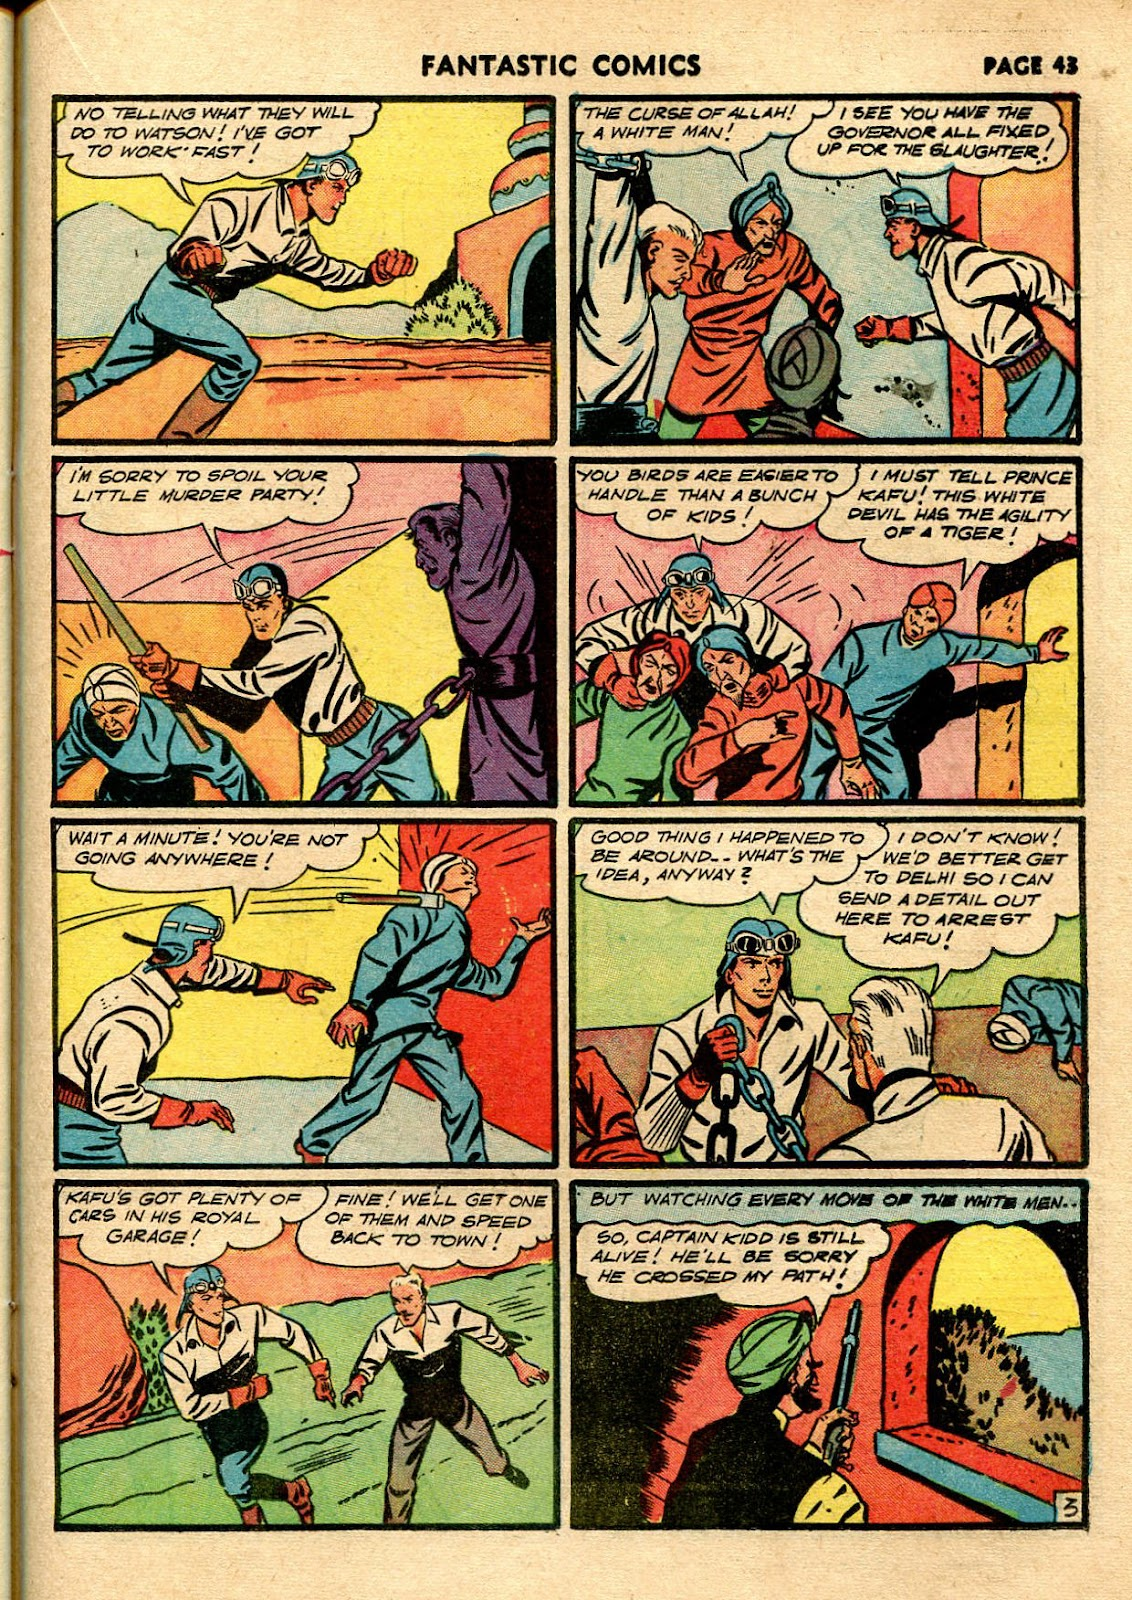 Read online Fantastic Comics comic -  Issue #21 - 41